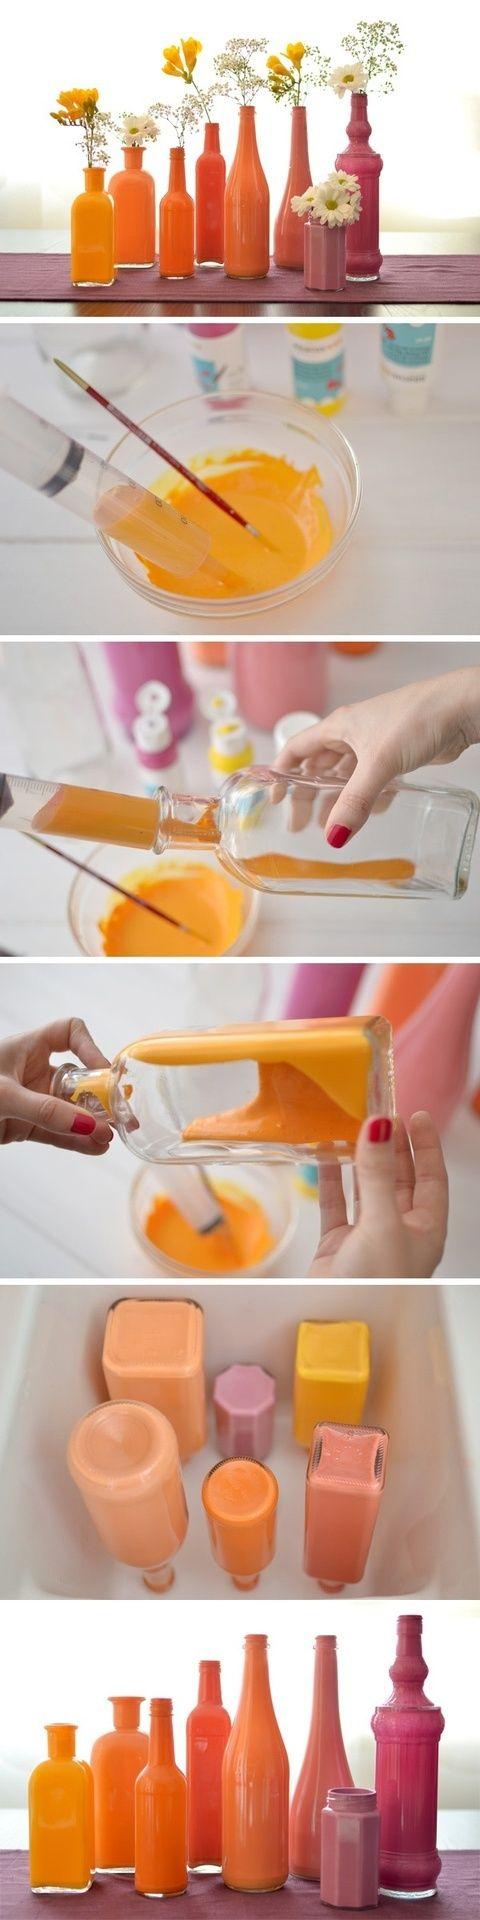 Målade glasflaskor